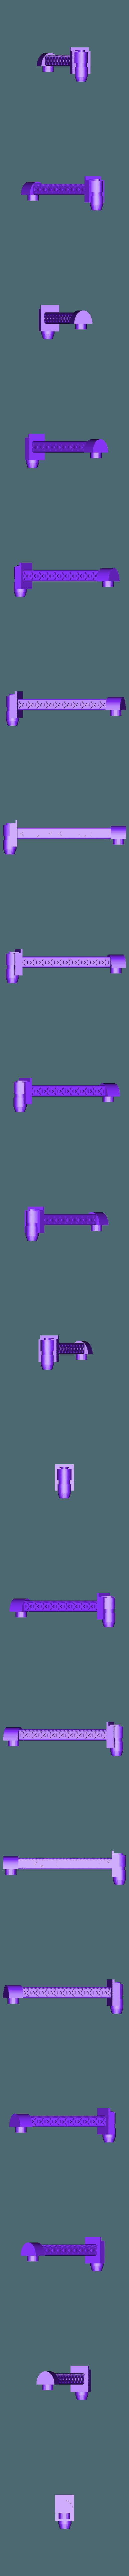 Big_lobba.stl Télécharger fichier STL gratuit Ork Mega Gargant Epic 40k proxy model 6mm Titanicus • Modèle pour imprimante 3D, redstarkits